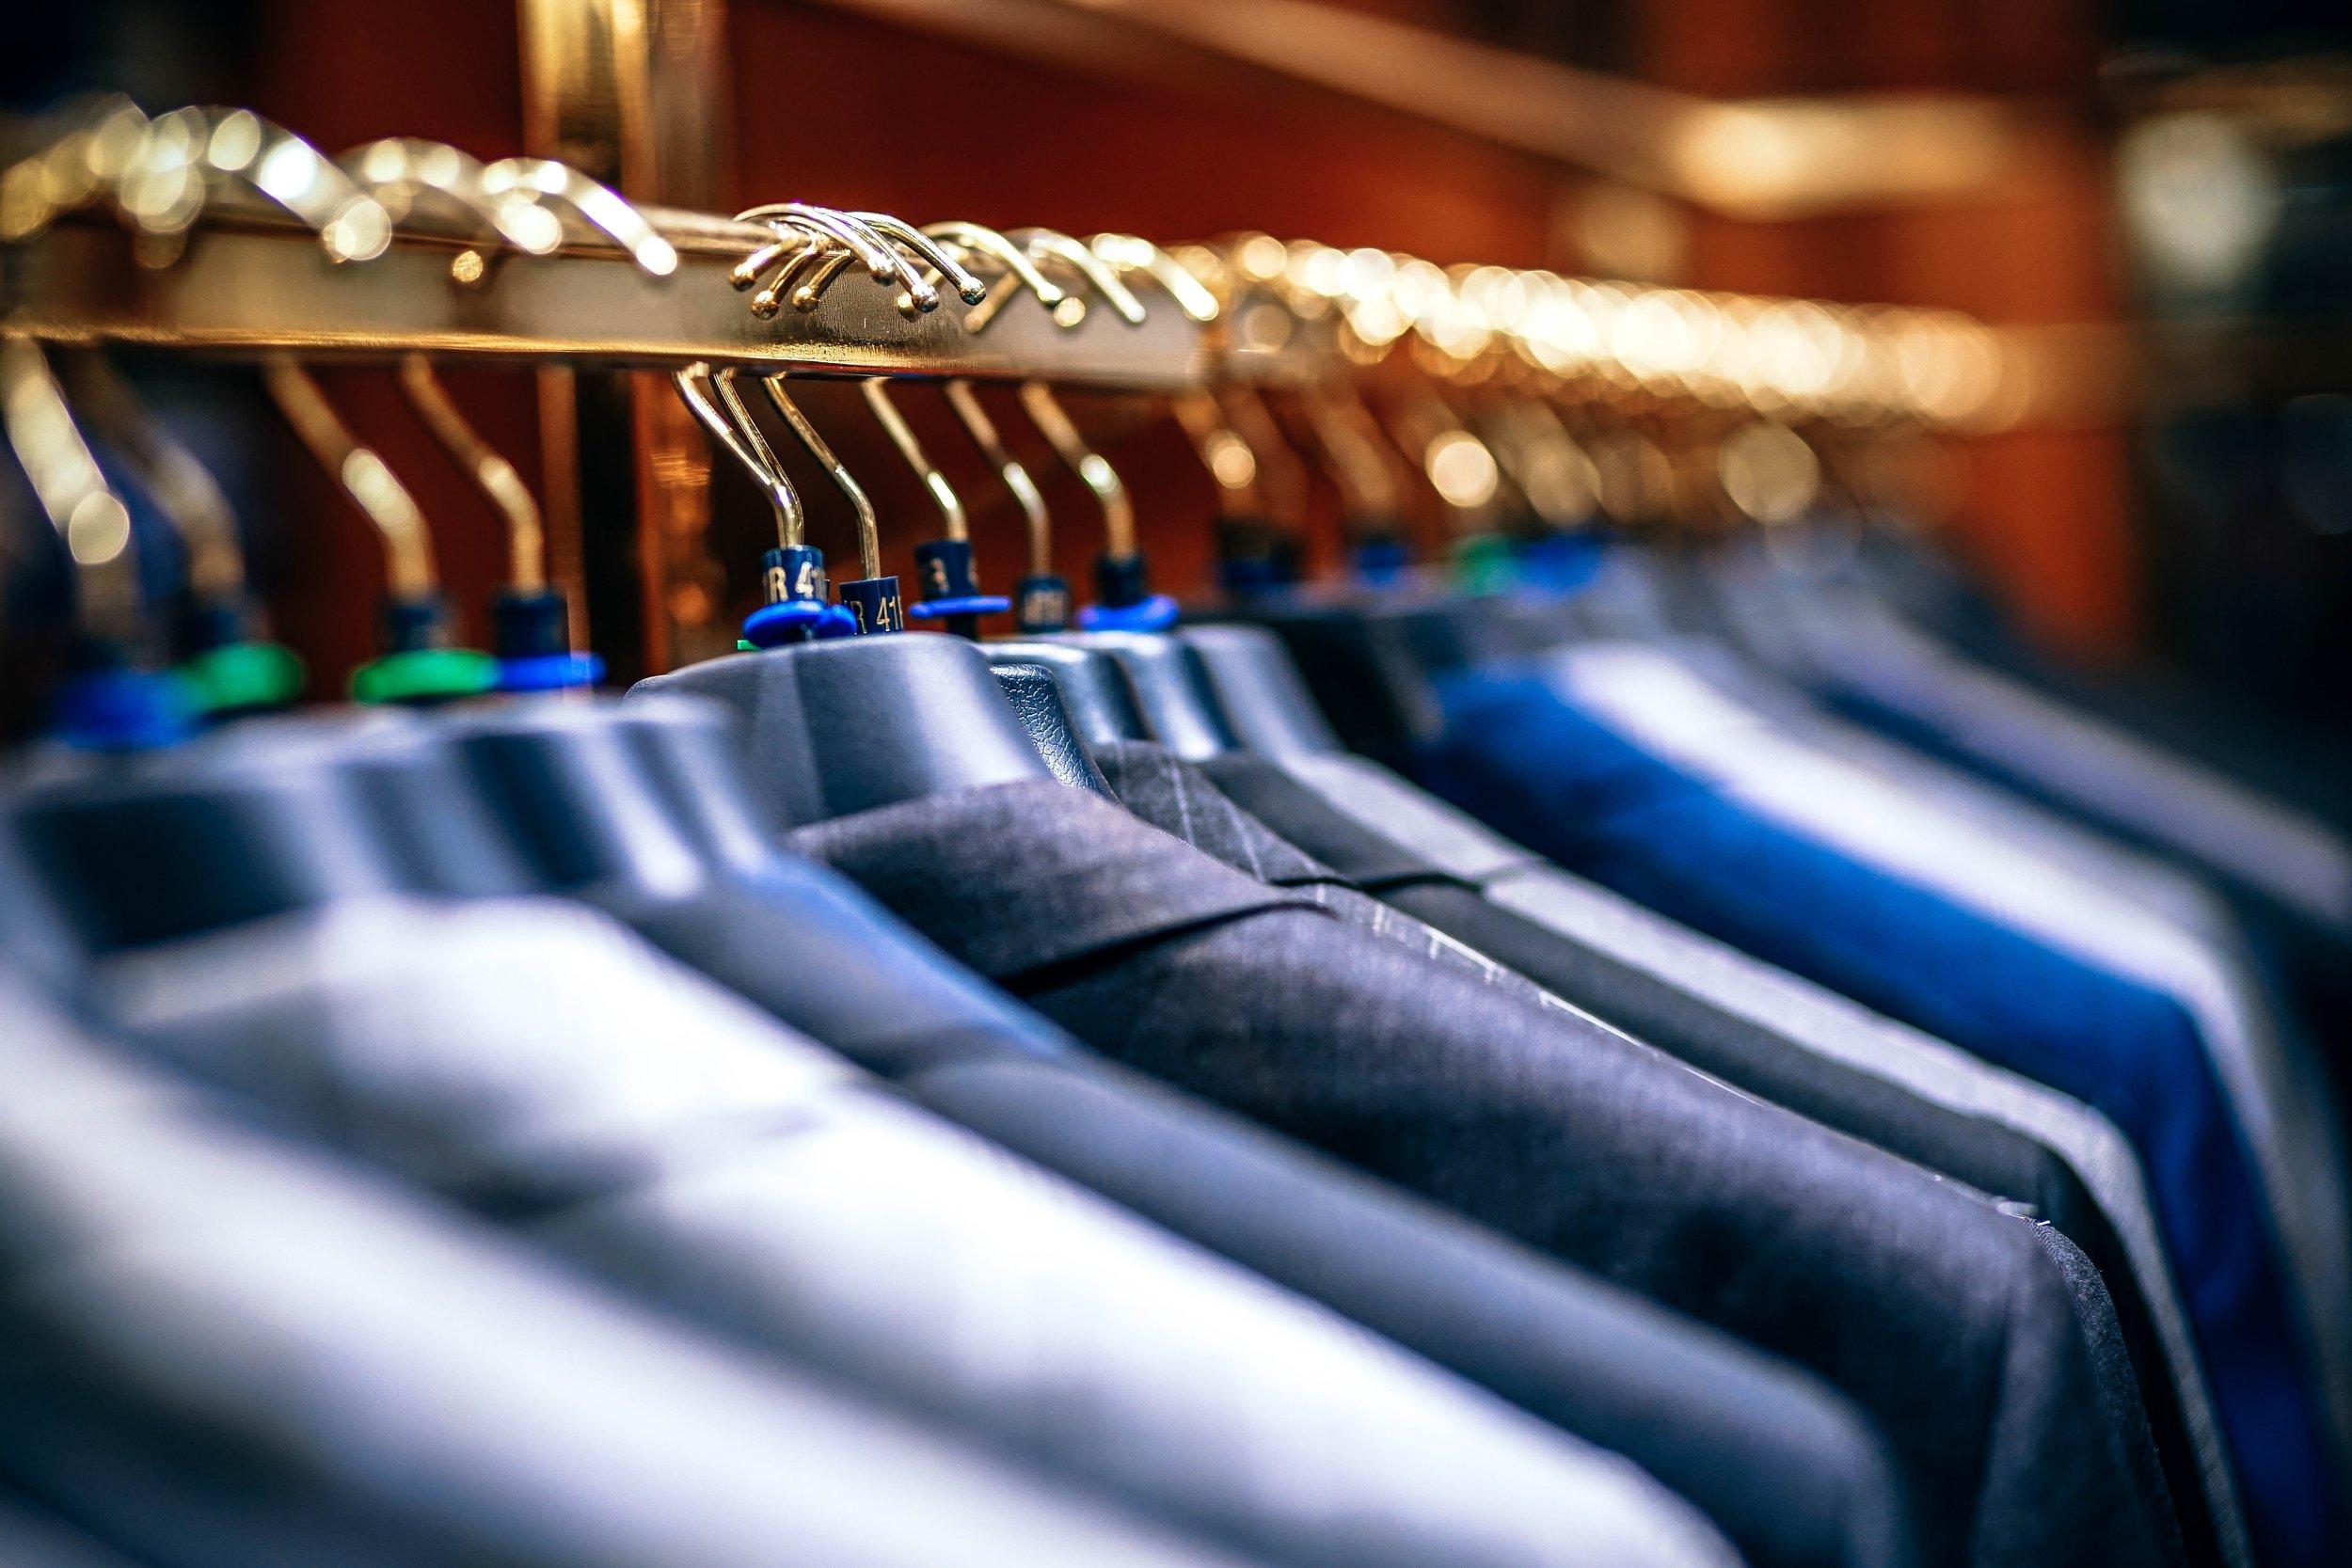 clothing-manufacturer-factors-consider.jpg (2500×1667)